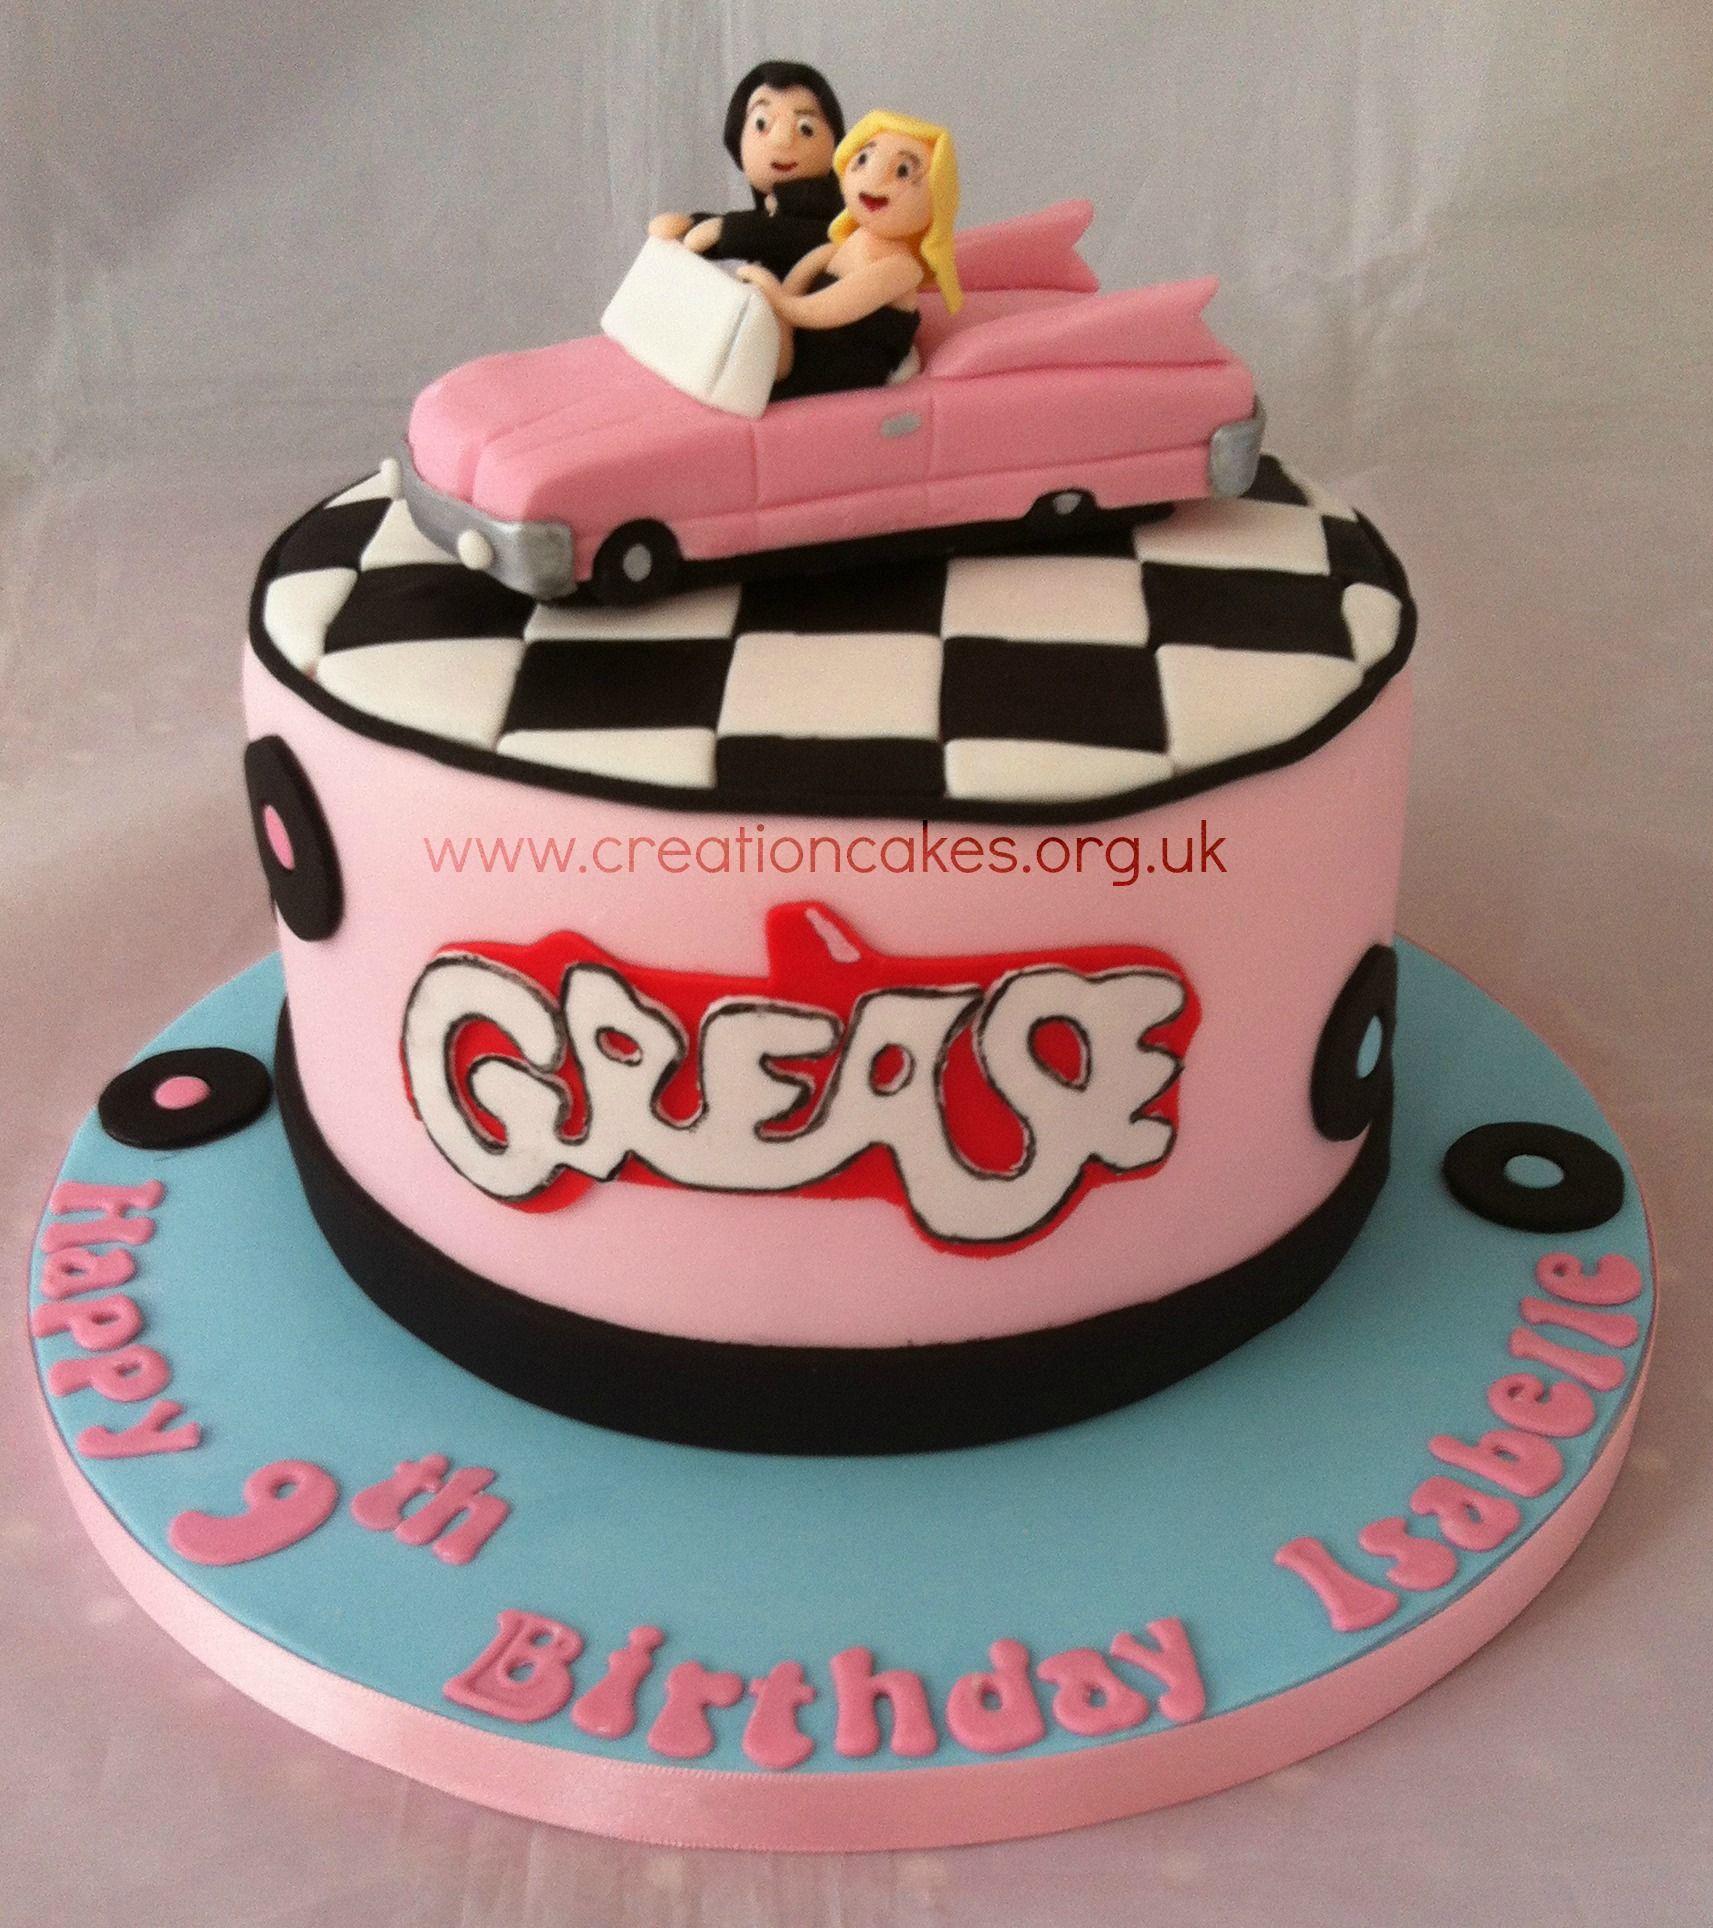 Grease Themed Birthday Cake | Cake birthday | Pinterest | Birthday ...